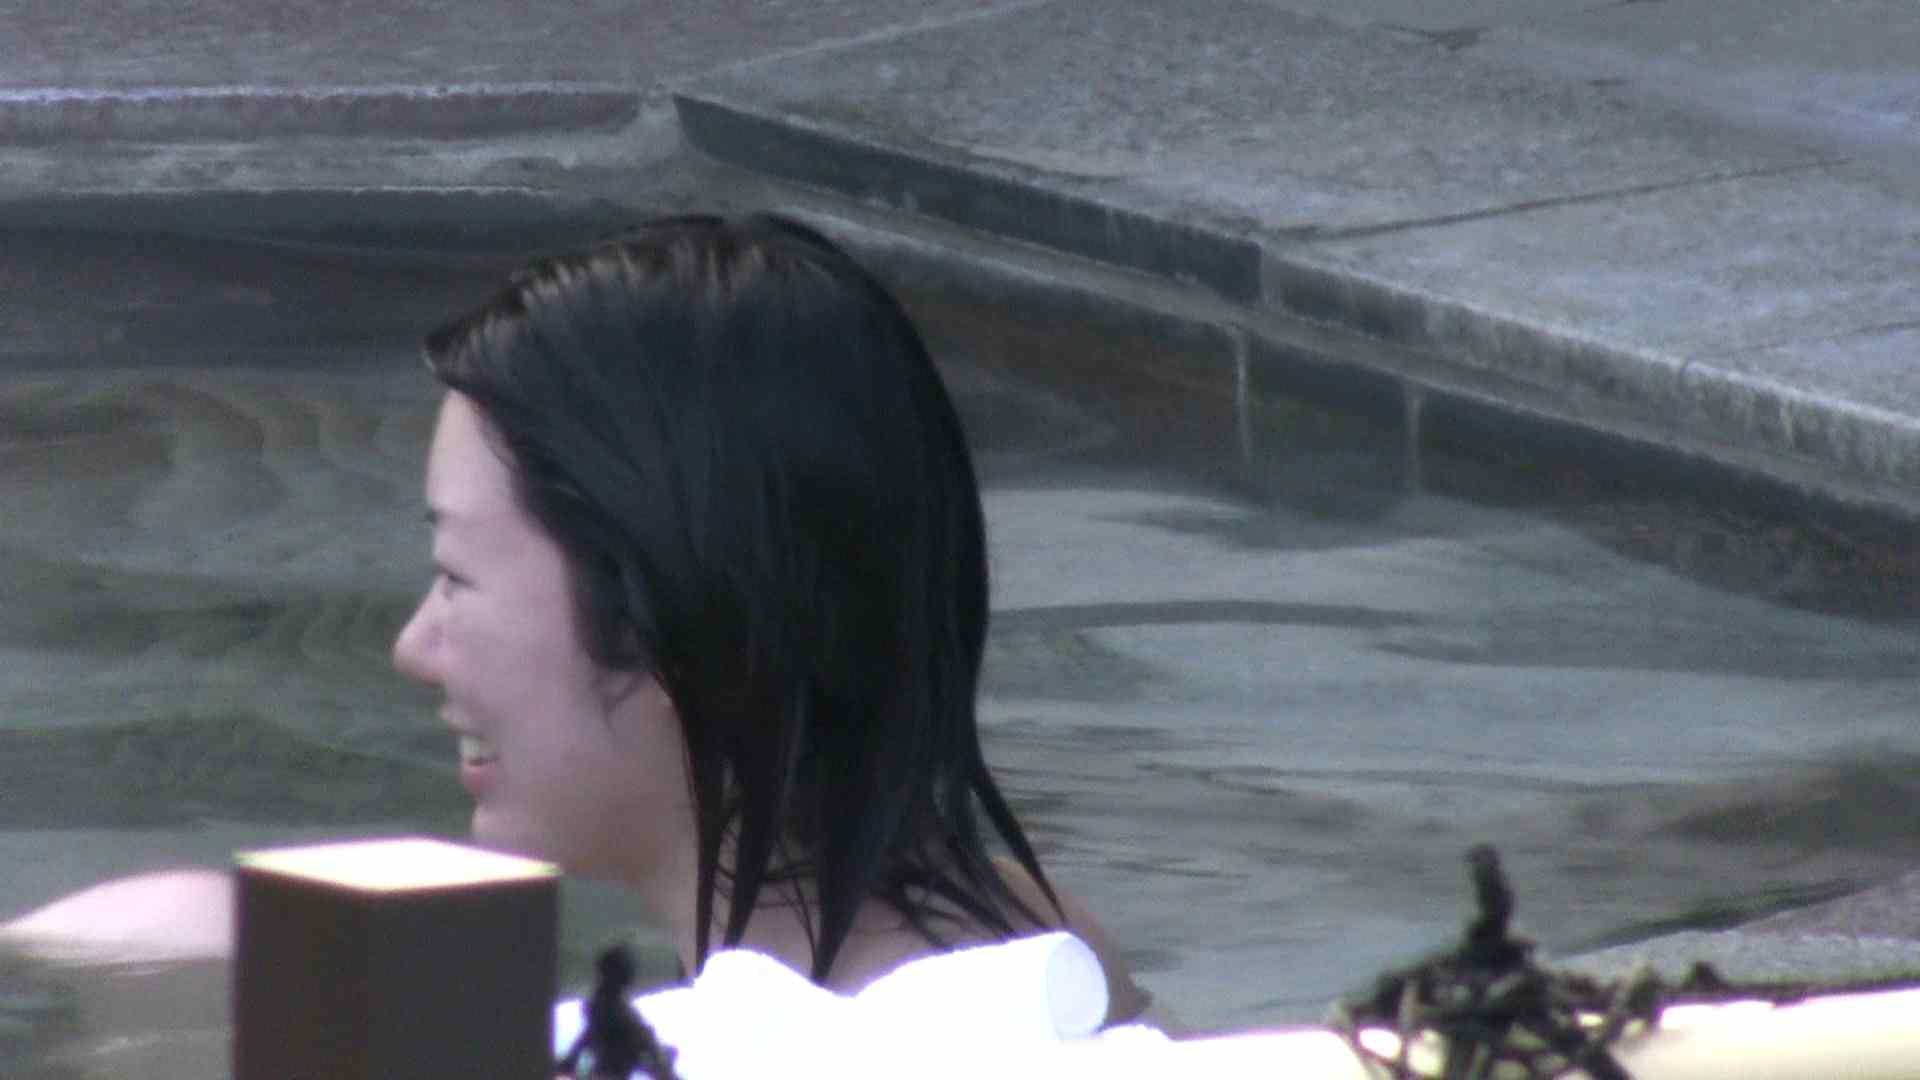 Aquaな露天風呂Vol.117 露天風呂突入 エロ画像 97pic 5